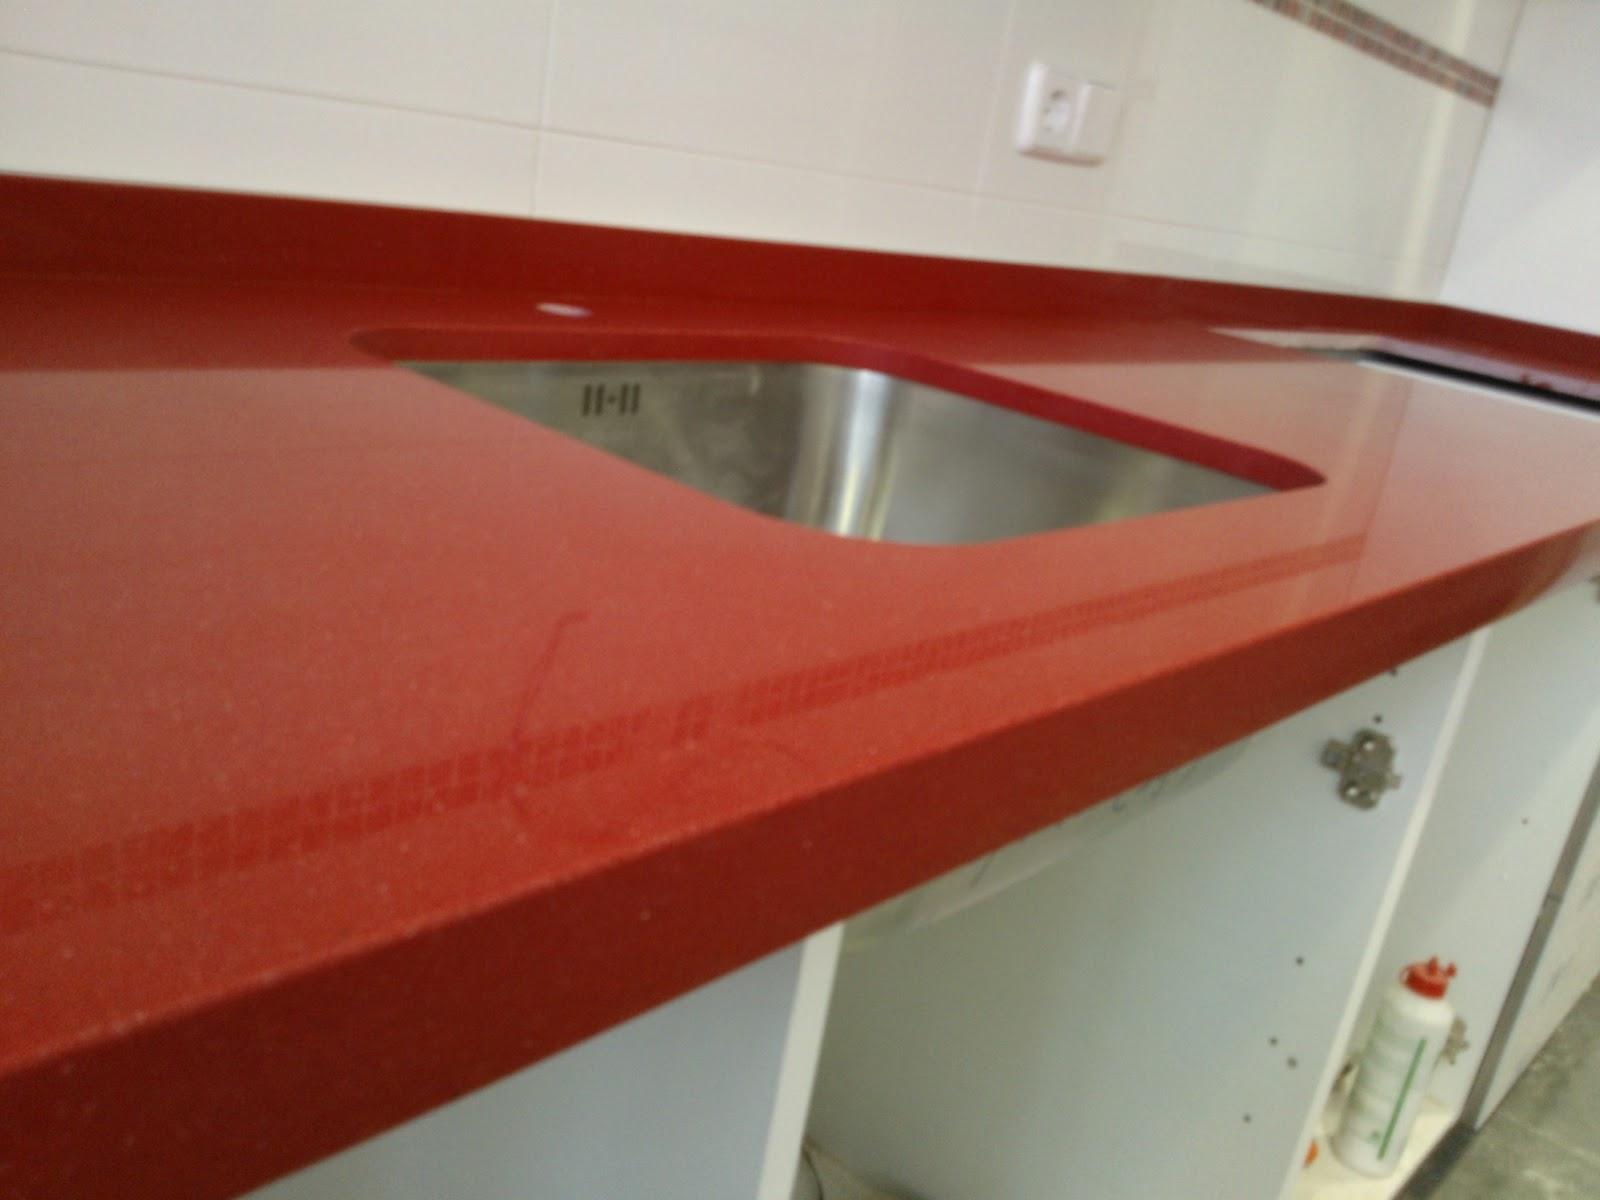 Marmoles vedat s l u encimera silestone rojo eros for Granito importado colores